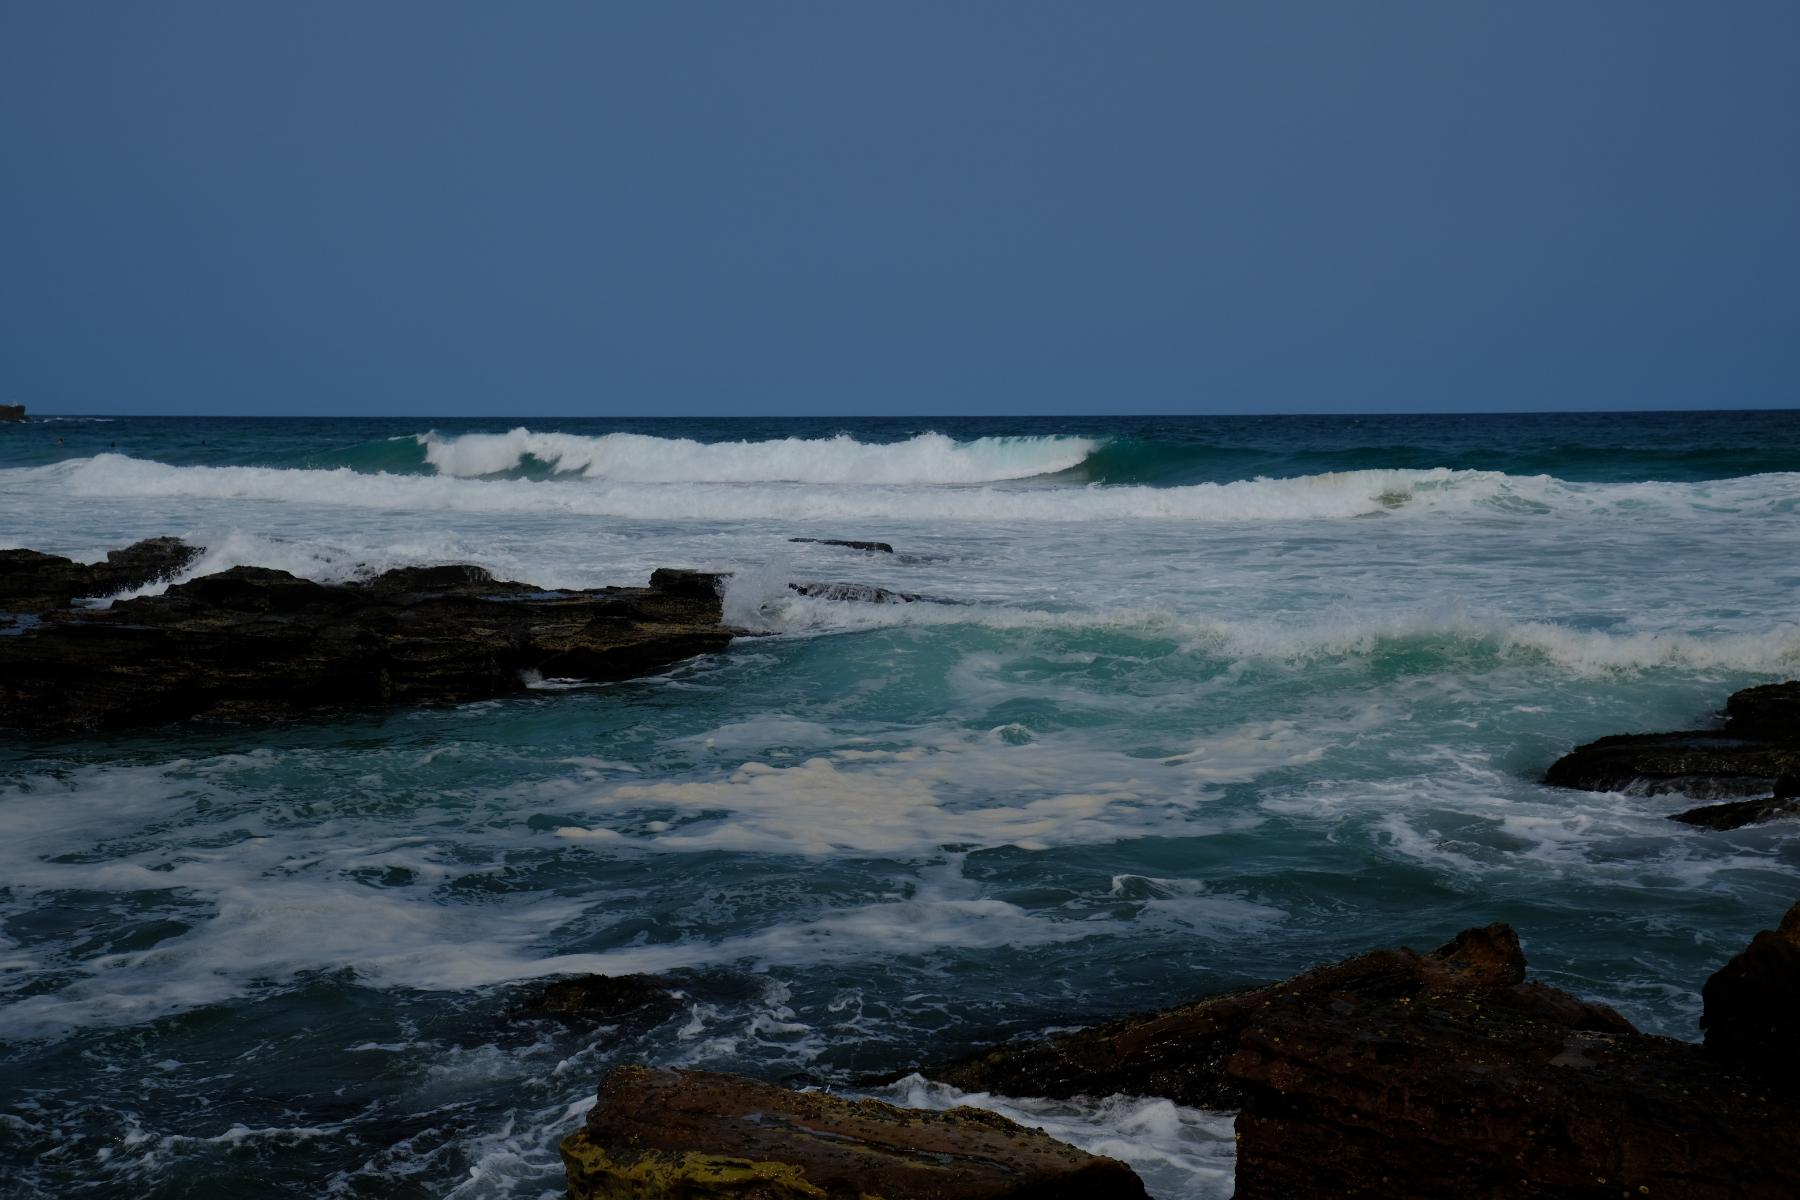 Die raue Küste, mit den Felsen, Strömungen und Brandungen